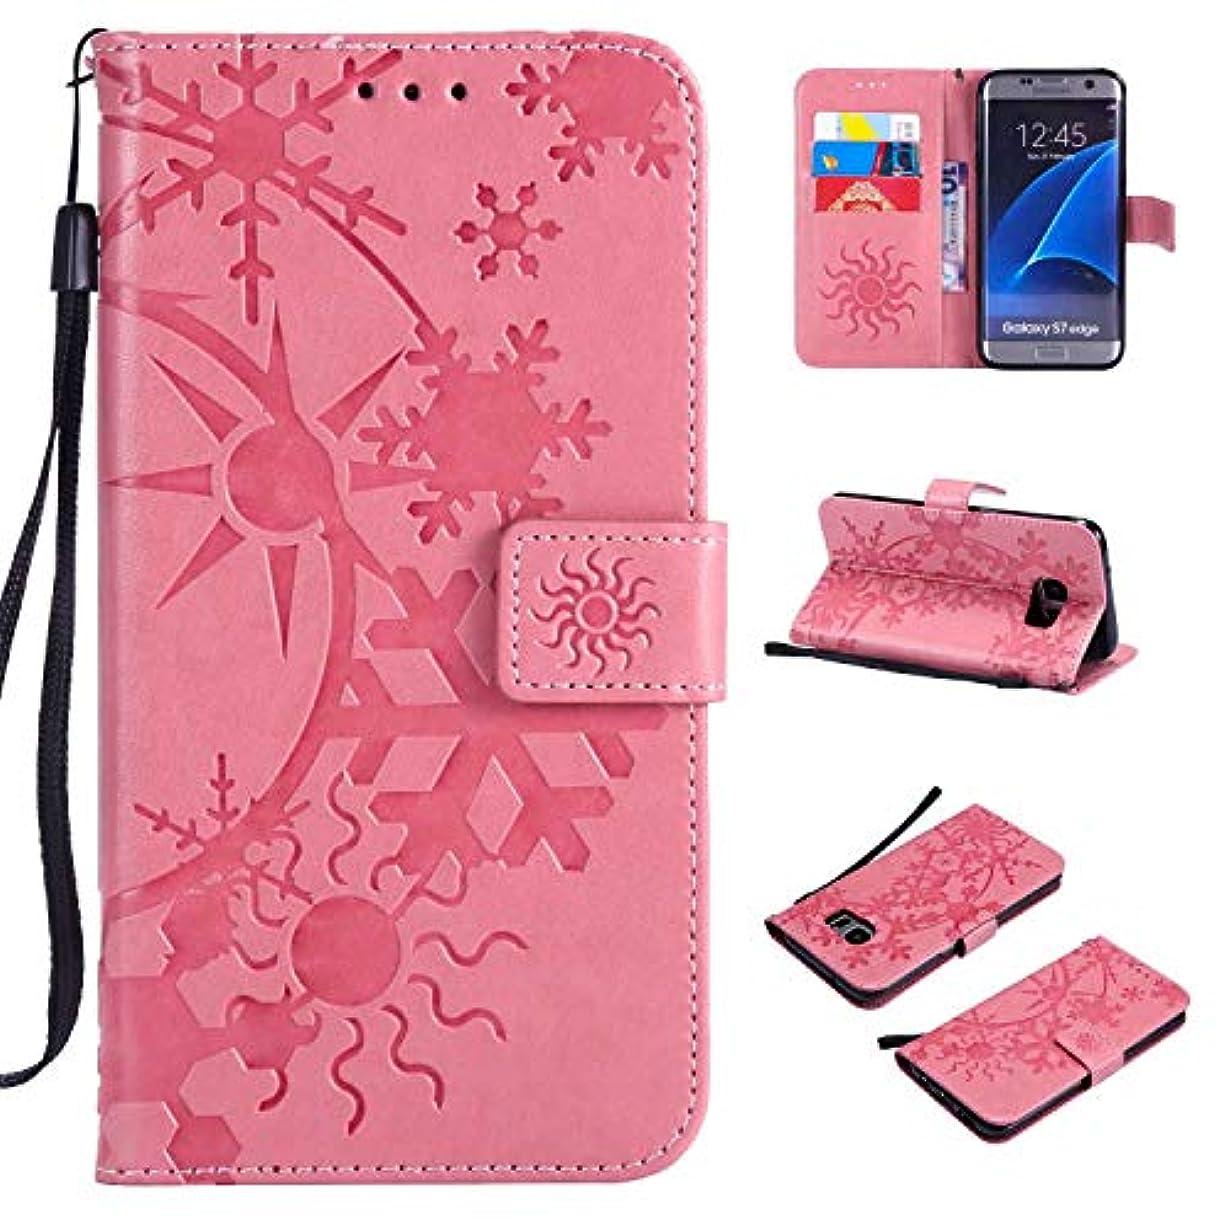 モーテル裁定慣れるGalaxy S7 Edge ケース CUSKING 手帳型 ケース ストラップ付き かわいい 財布 カバー カードポケット付き Samsung ギャラクシー S7 Edge マジックアレイ ケース - ピンク